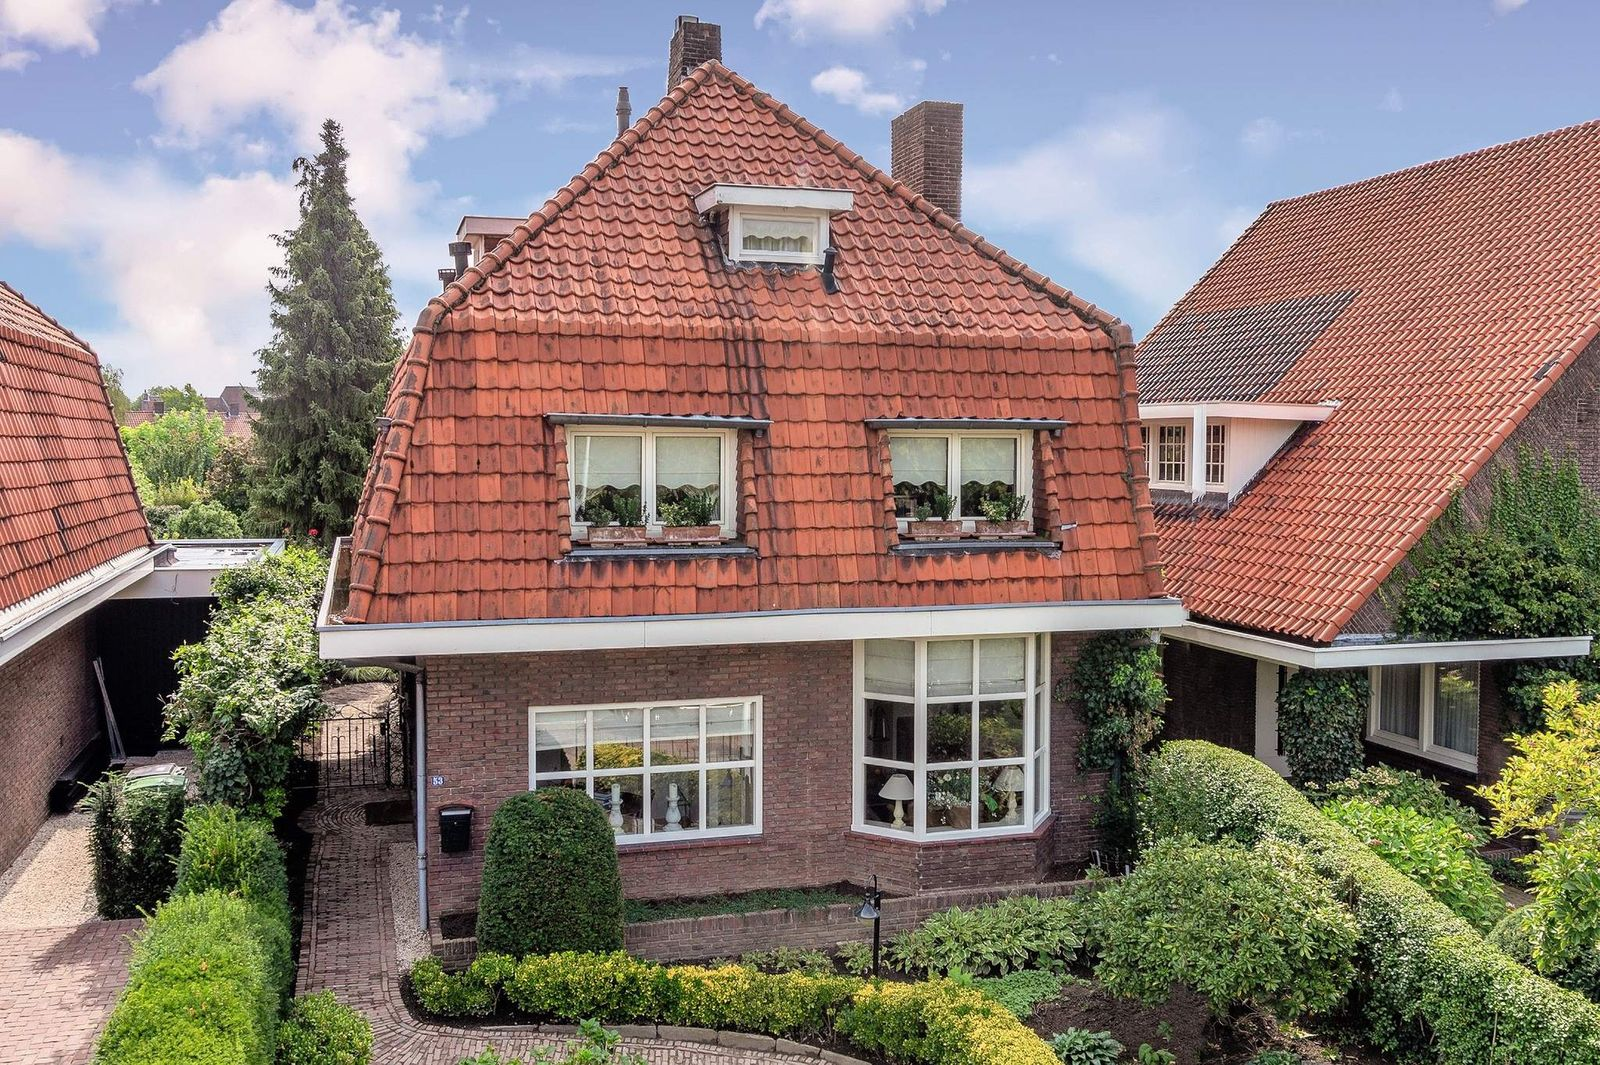 Burgemeester van Rijnsingel 53, Venlo